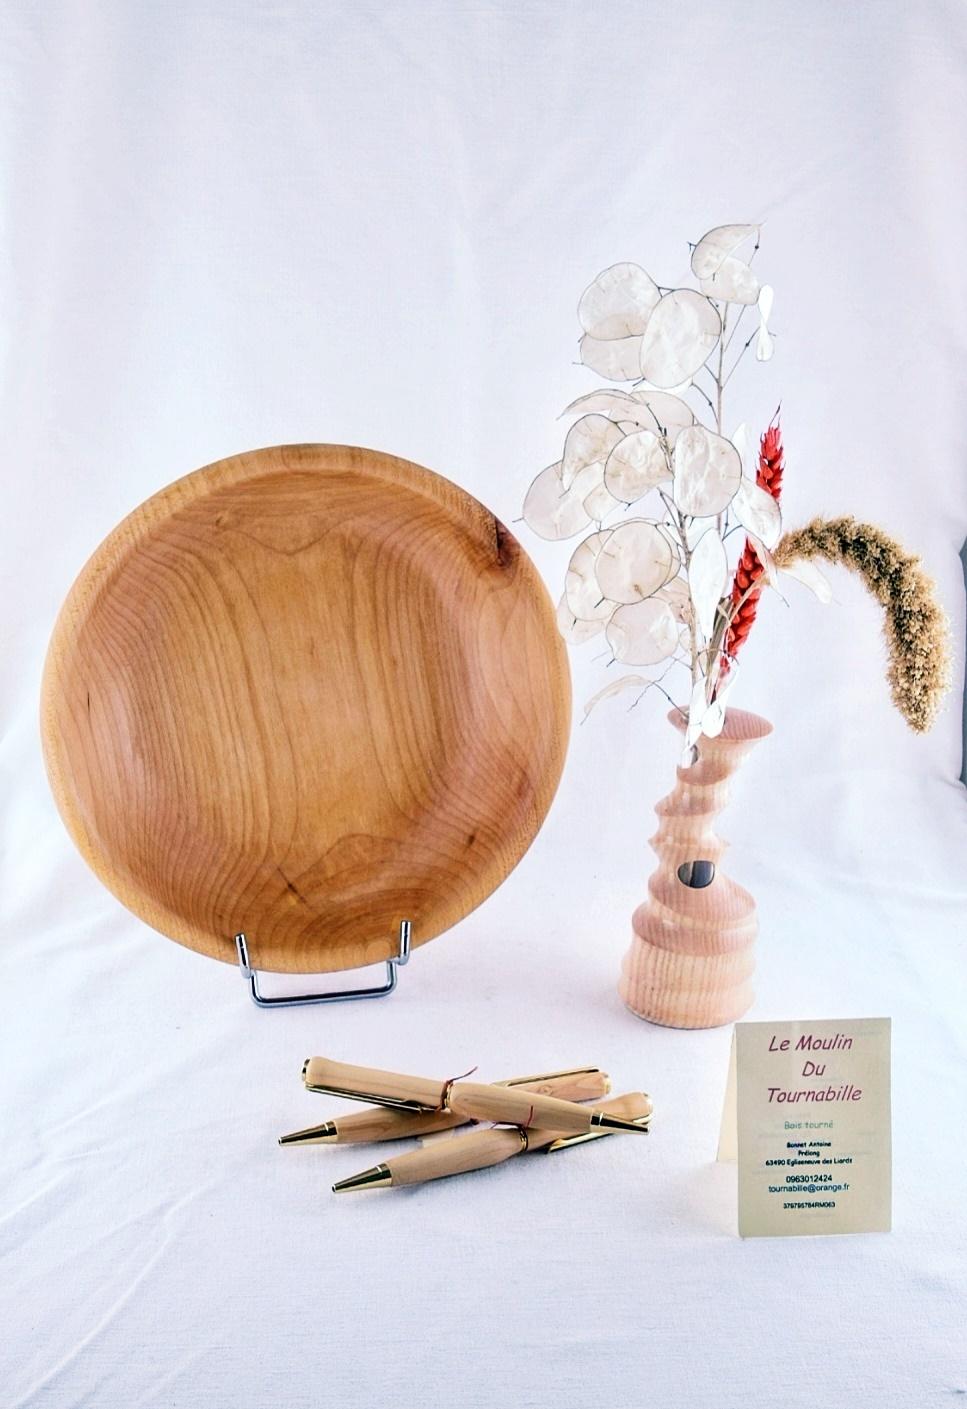 Création d'objets utilitaires ou décoratifs en bois. - Tournabille